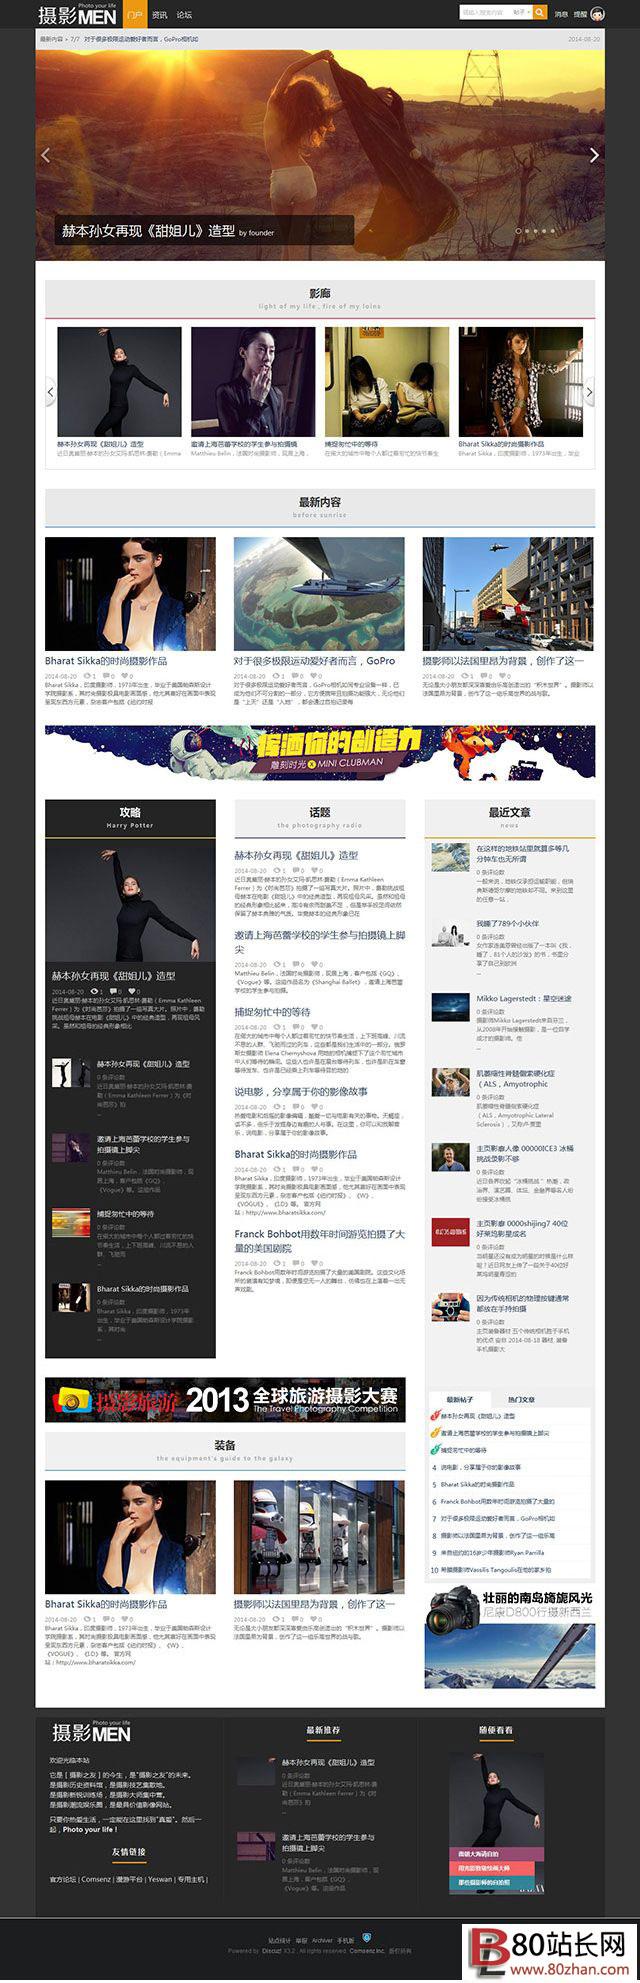 摄影图片门户网站源码商业版UTF8_discuz模板